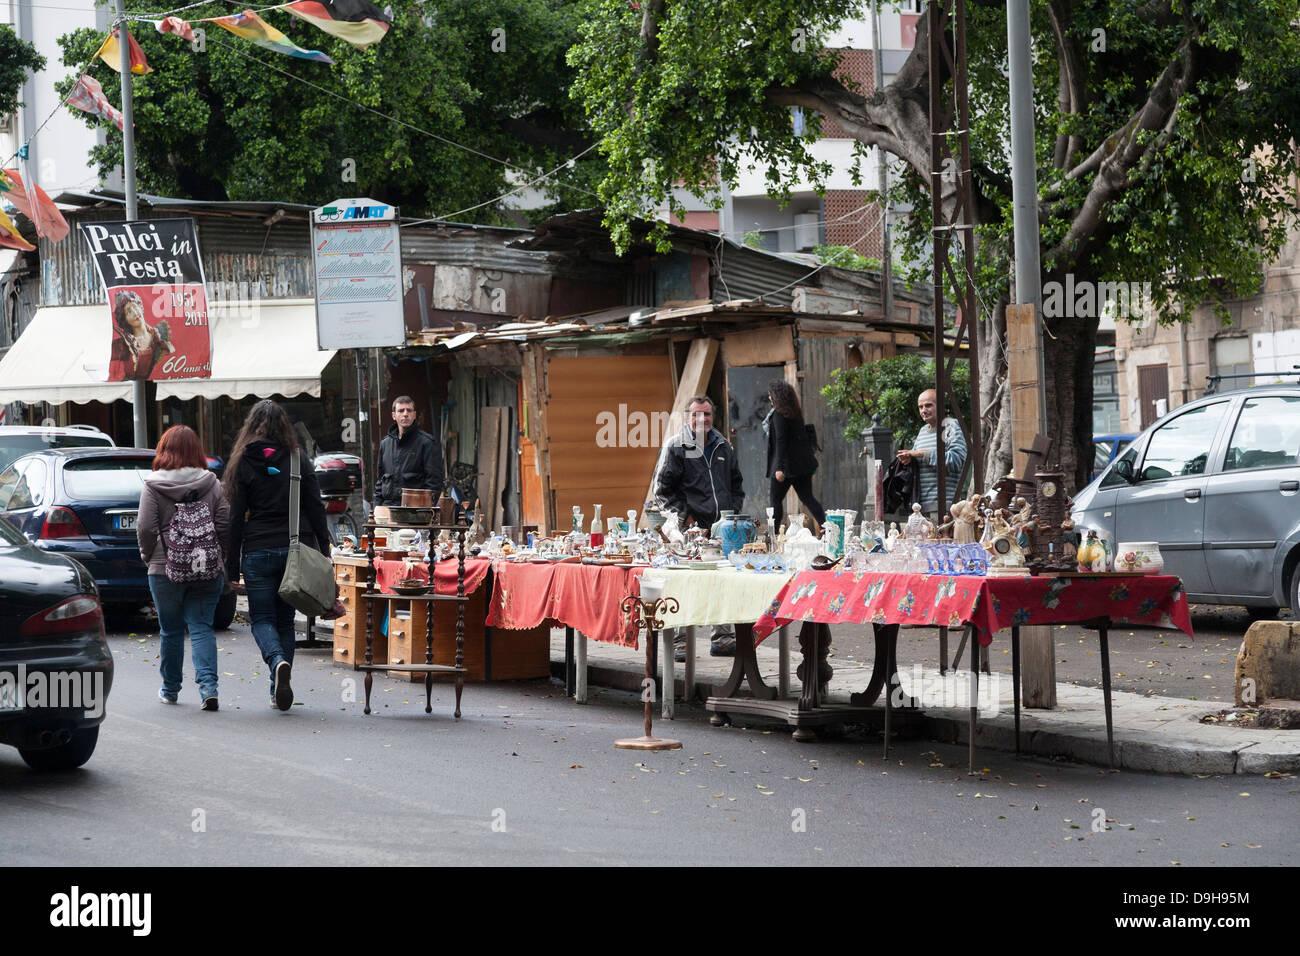 Mercato delle Pulci, Flea Market, Palermo, Sicily, Italy - Stock Image